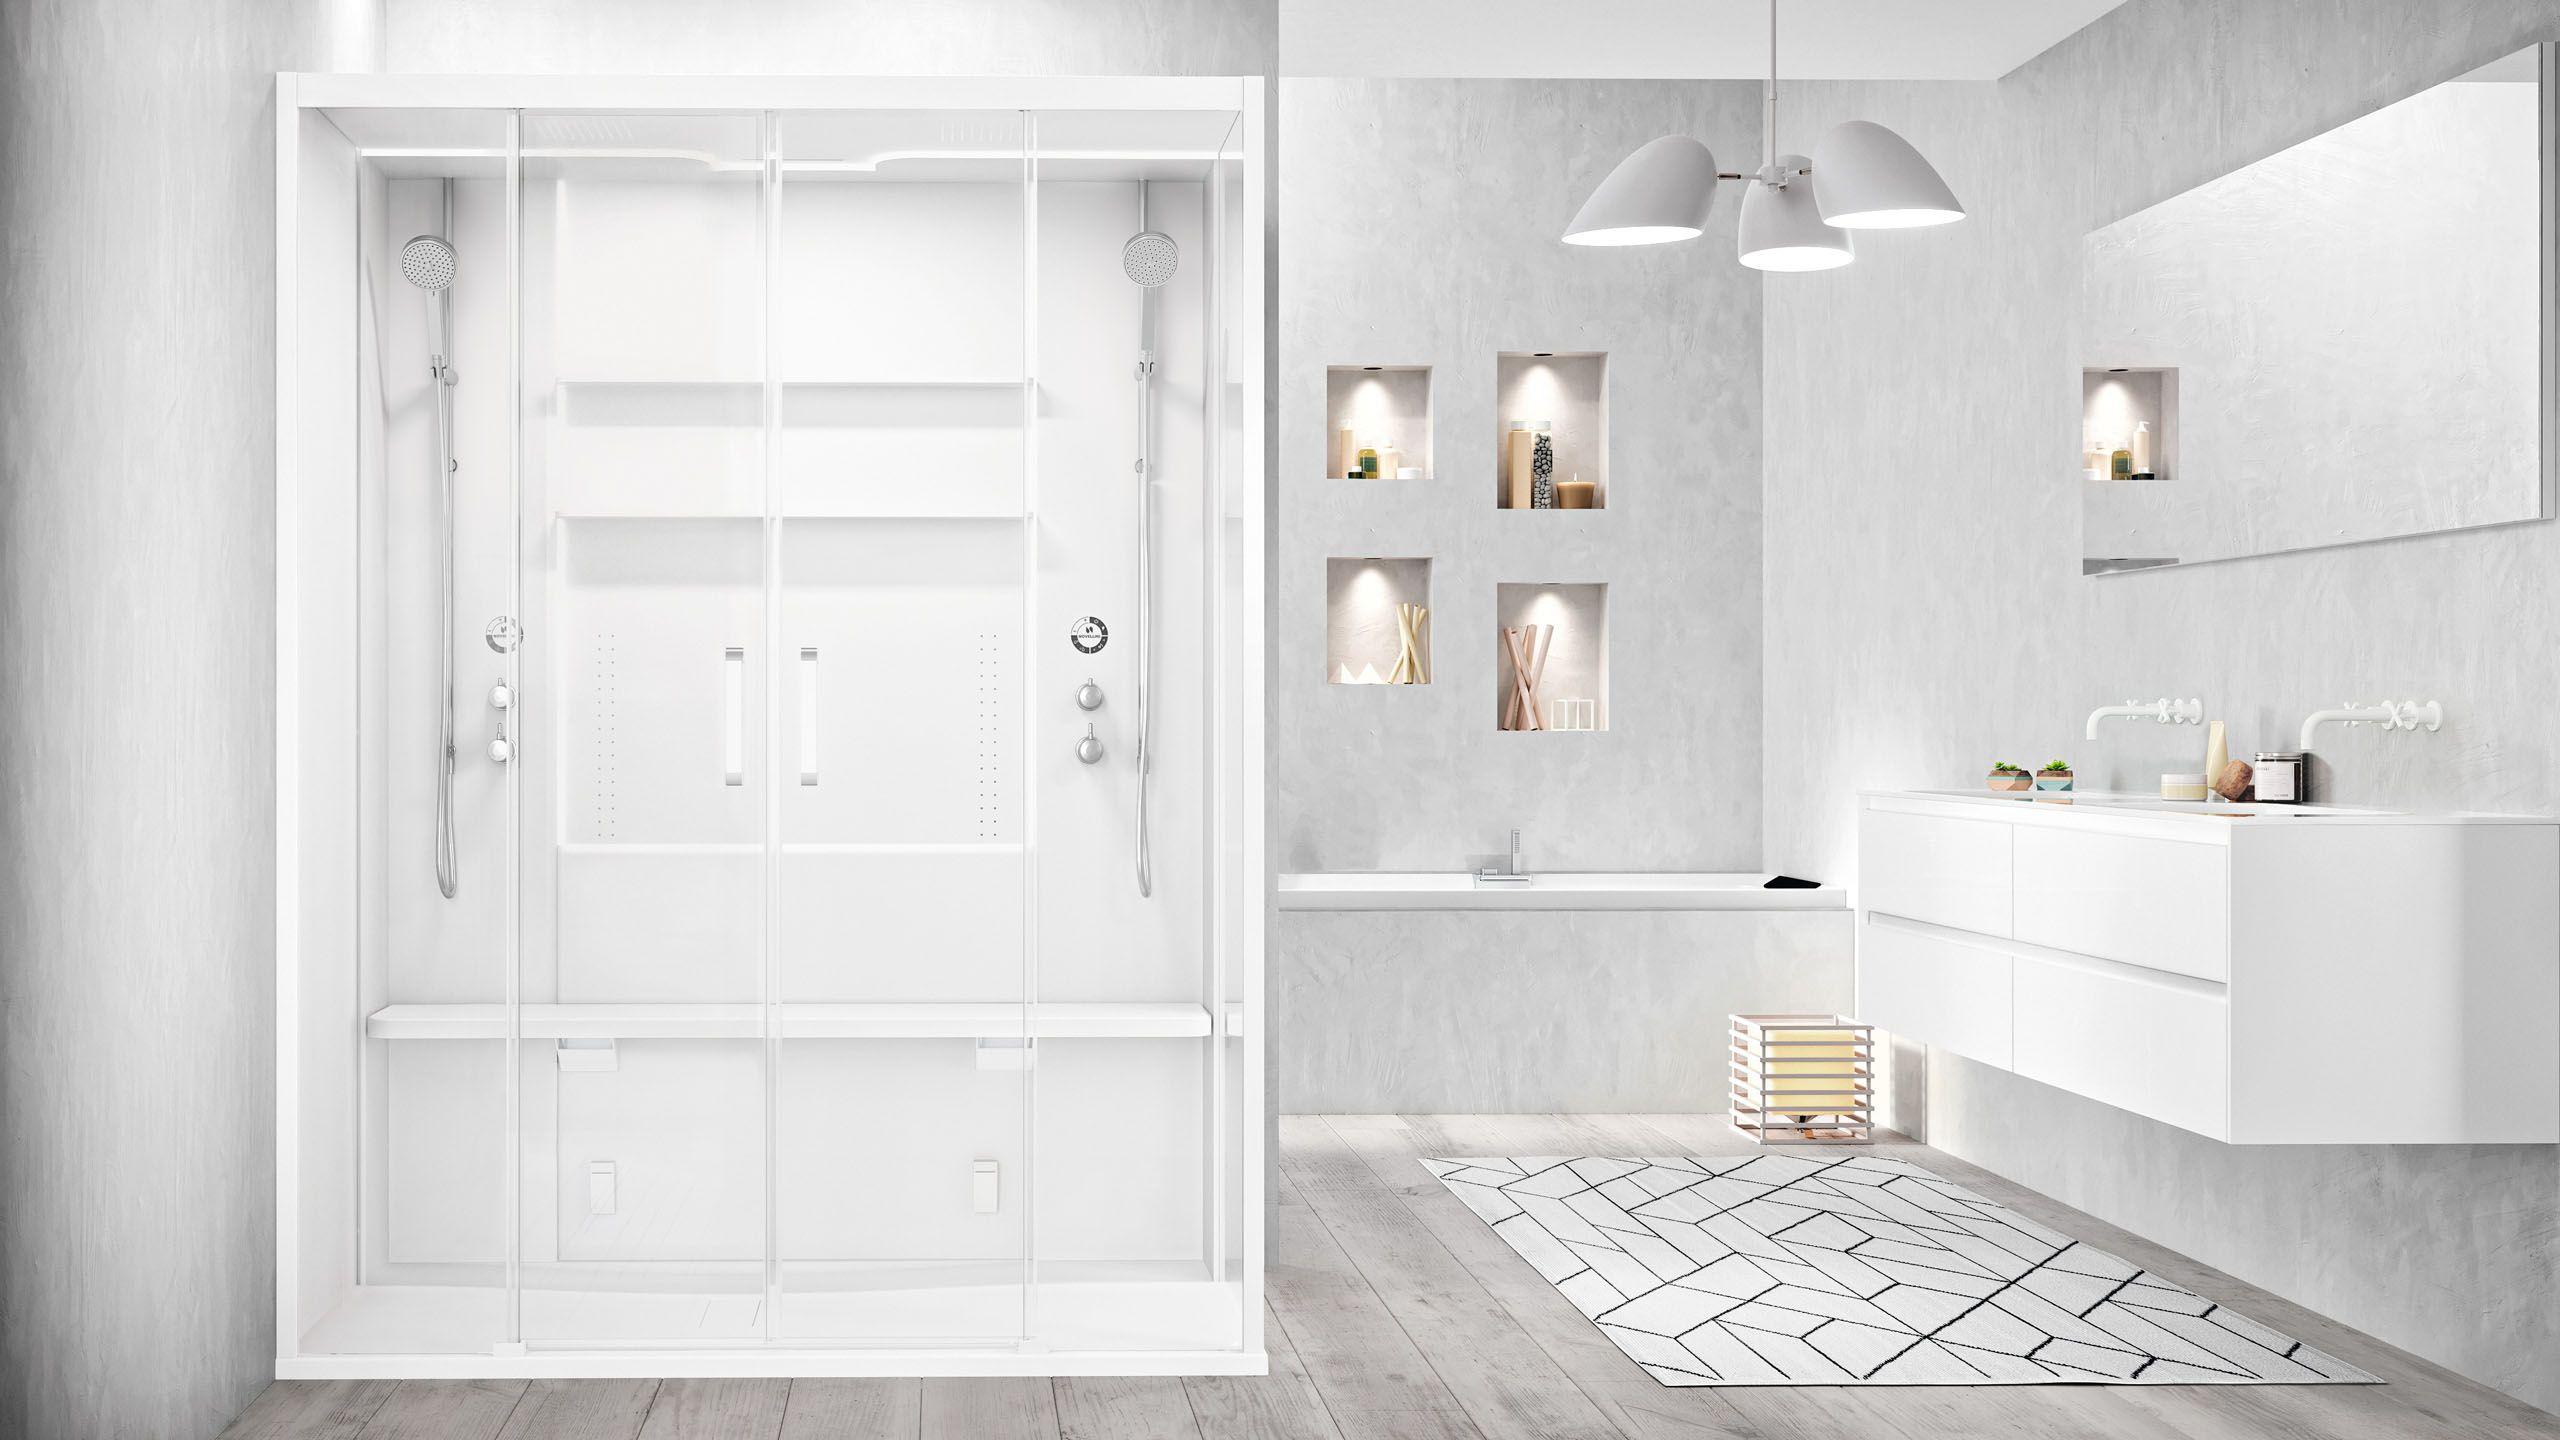 novellini, cambio de bañera por ducha, bañeras, instalacion de bañeras, bañeras de hidromasaje, bañeras novellini,reforma de baños, bañeras (3)